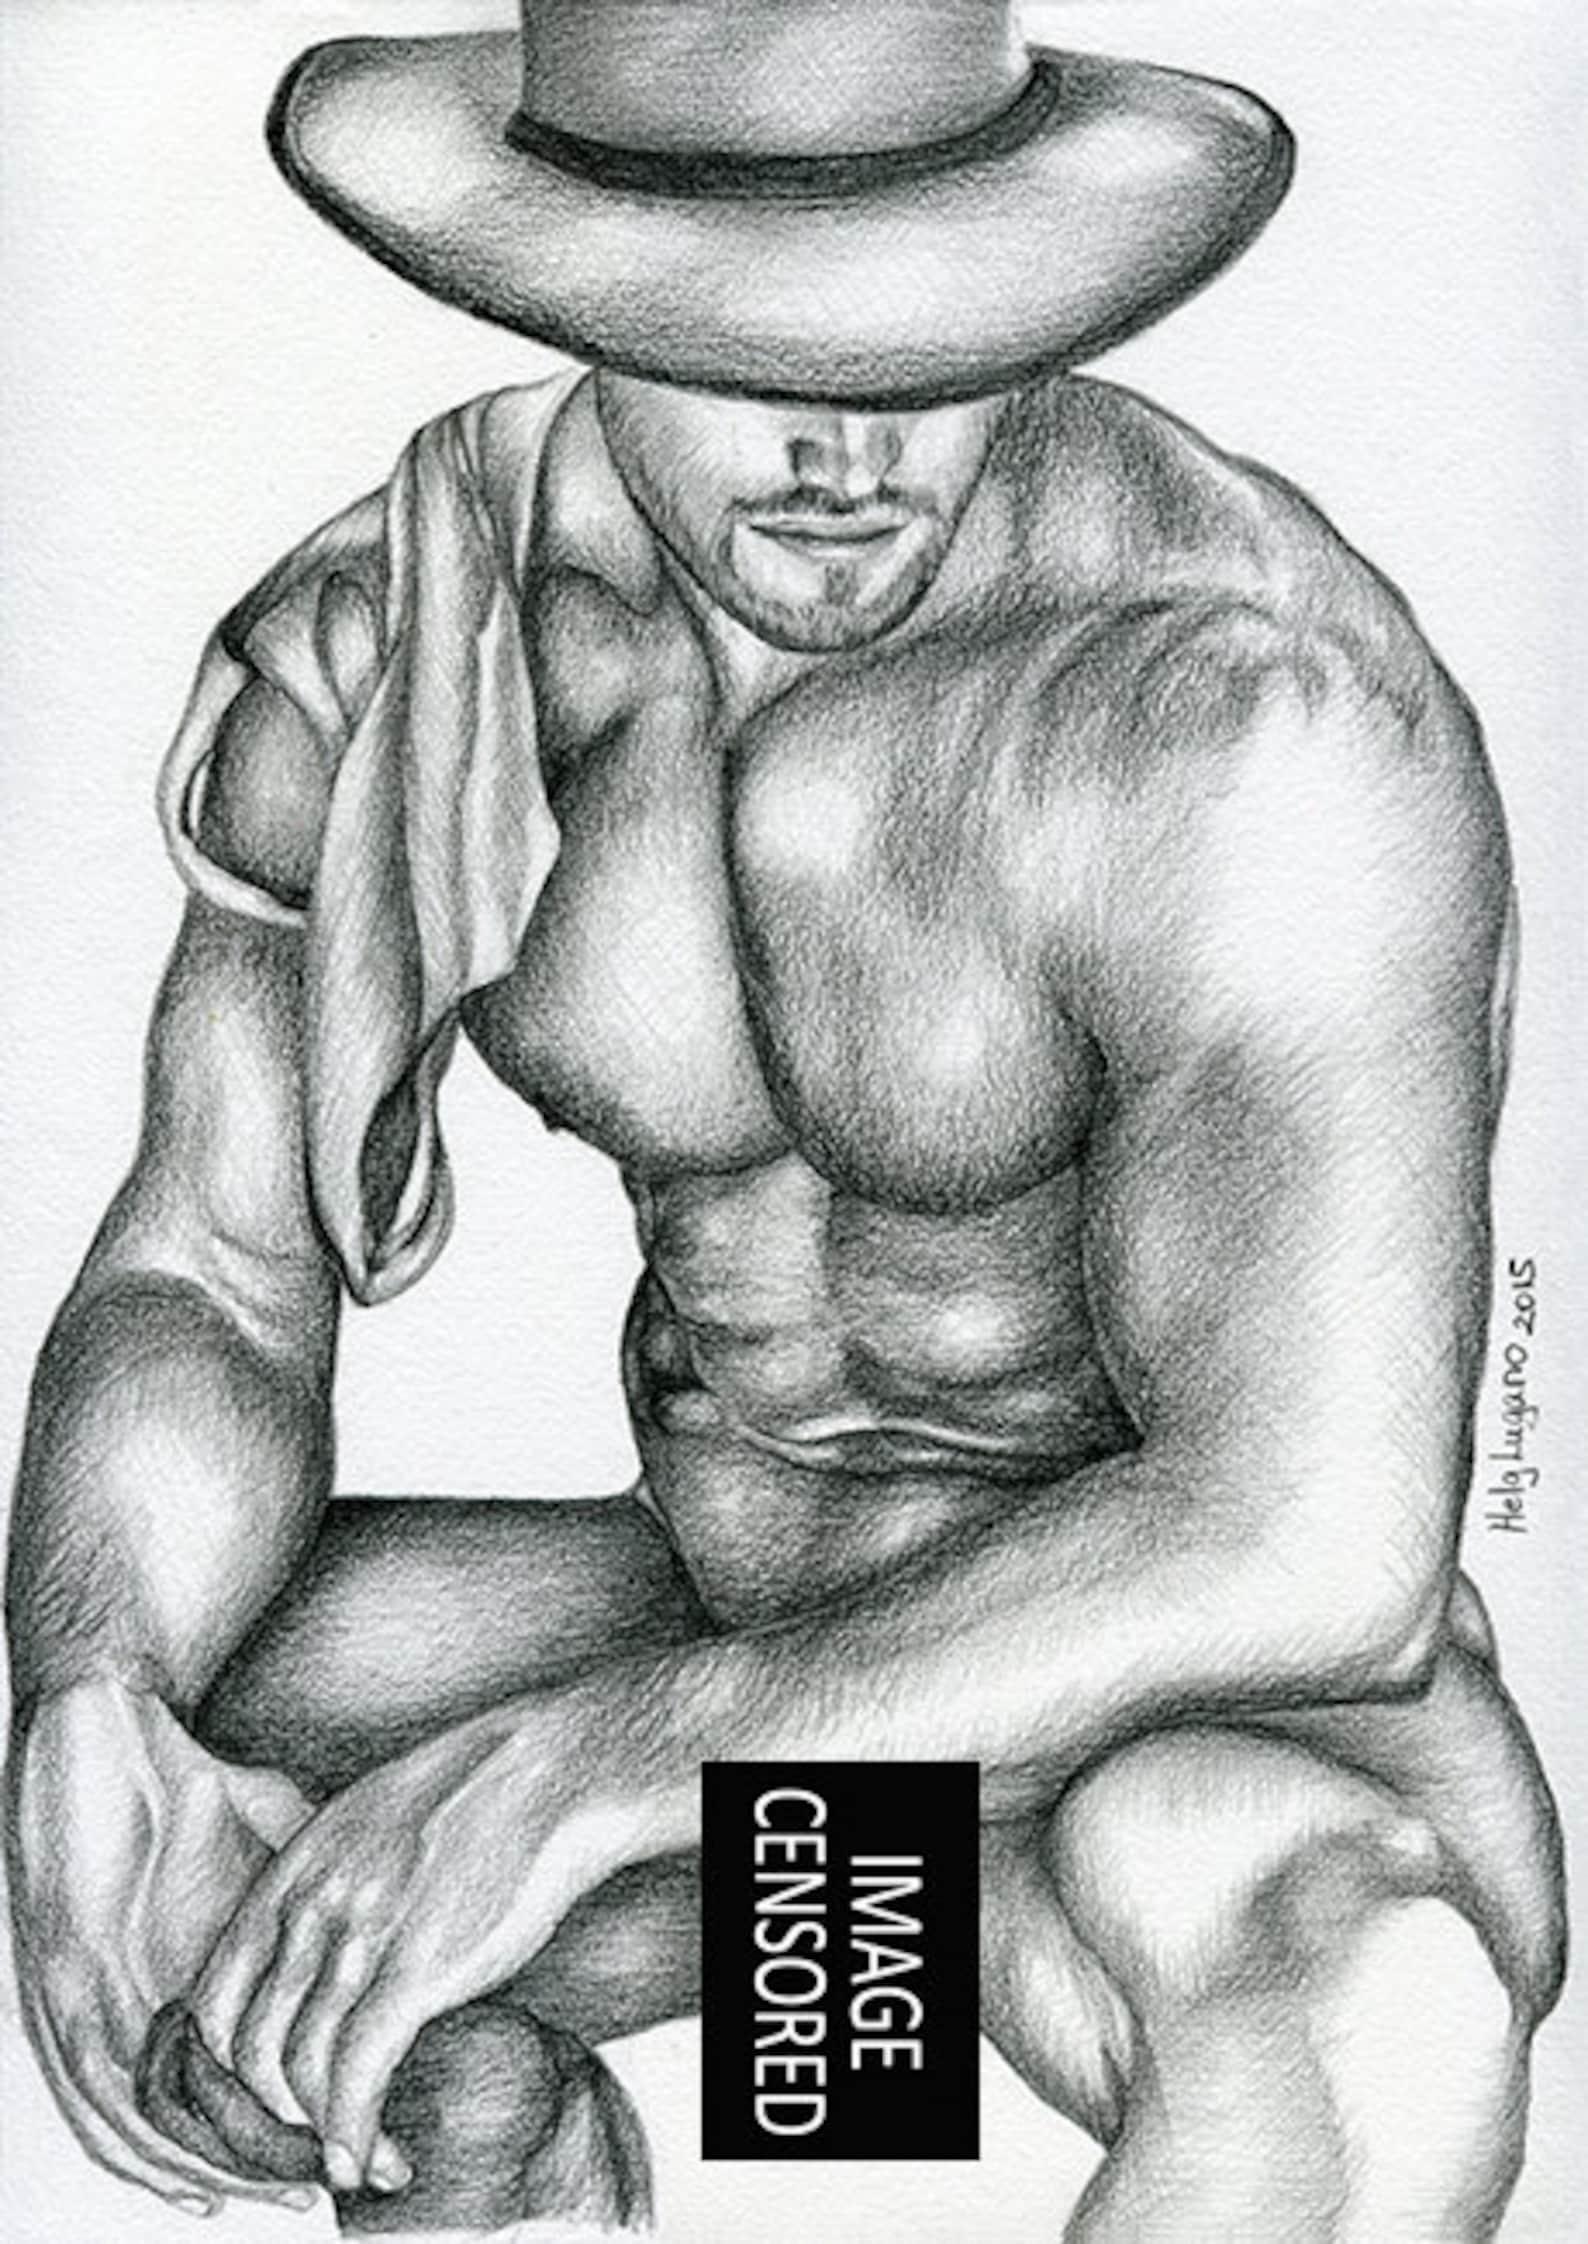 Рисованный Мужчина Обнаженный